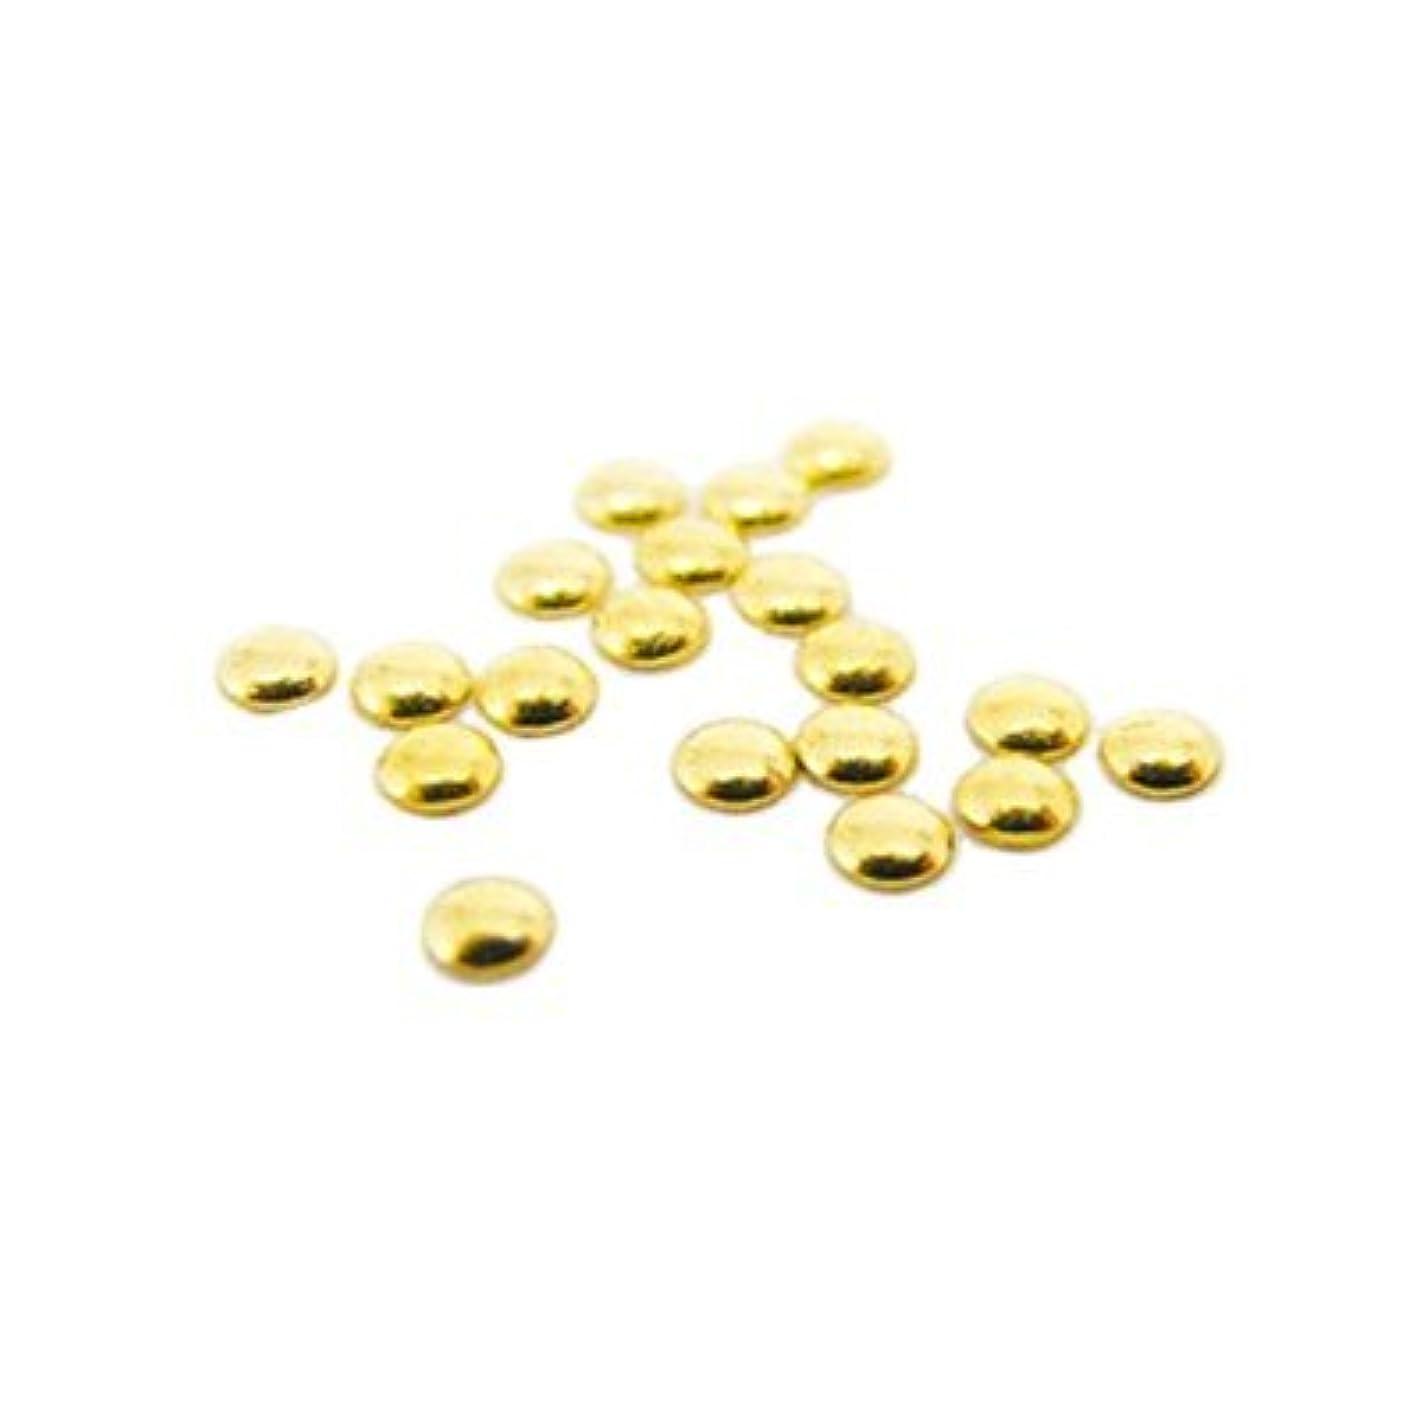 酔った覚醒シンポジウムピアドラ スタッズ 1.0mm 500P ゴールド